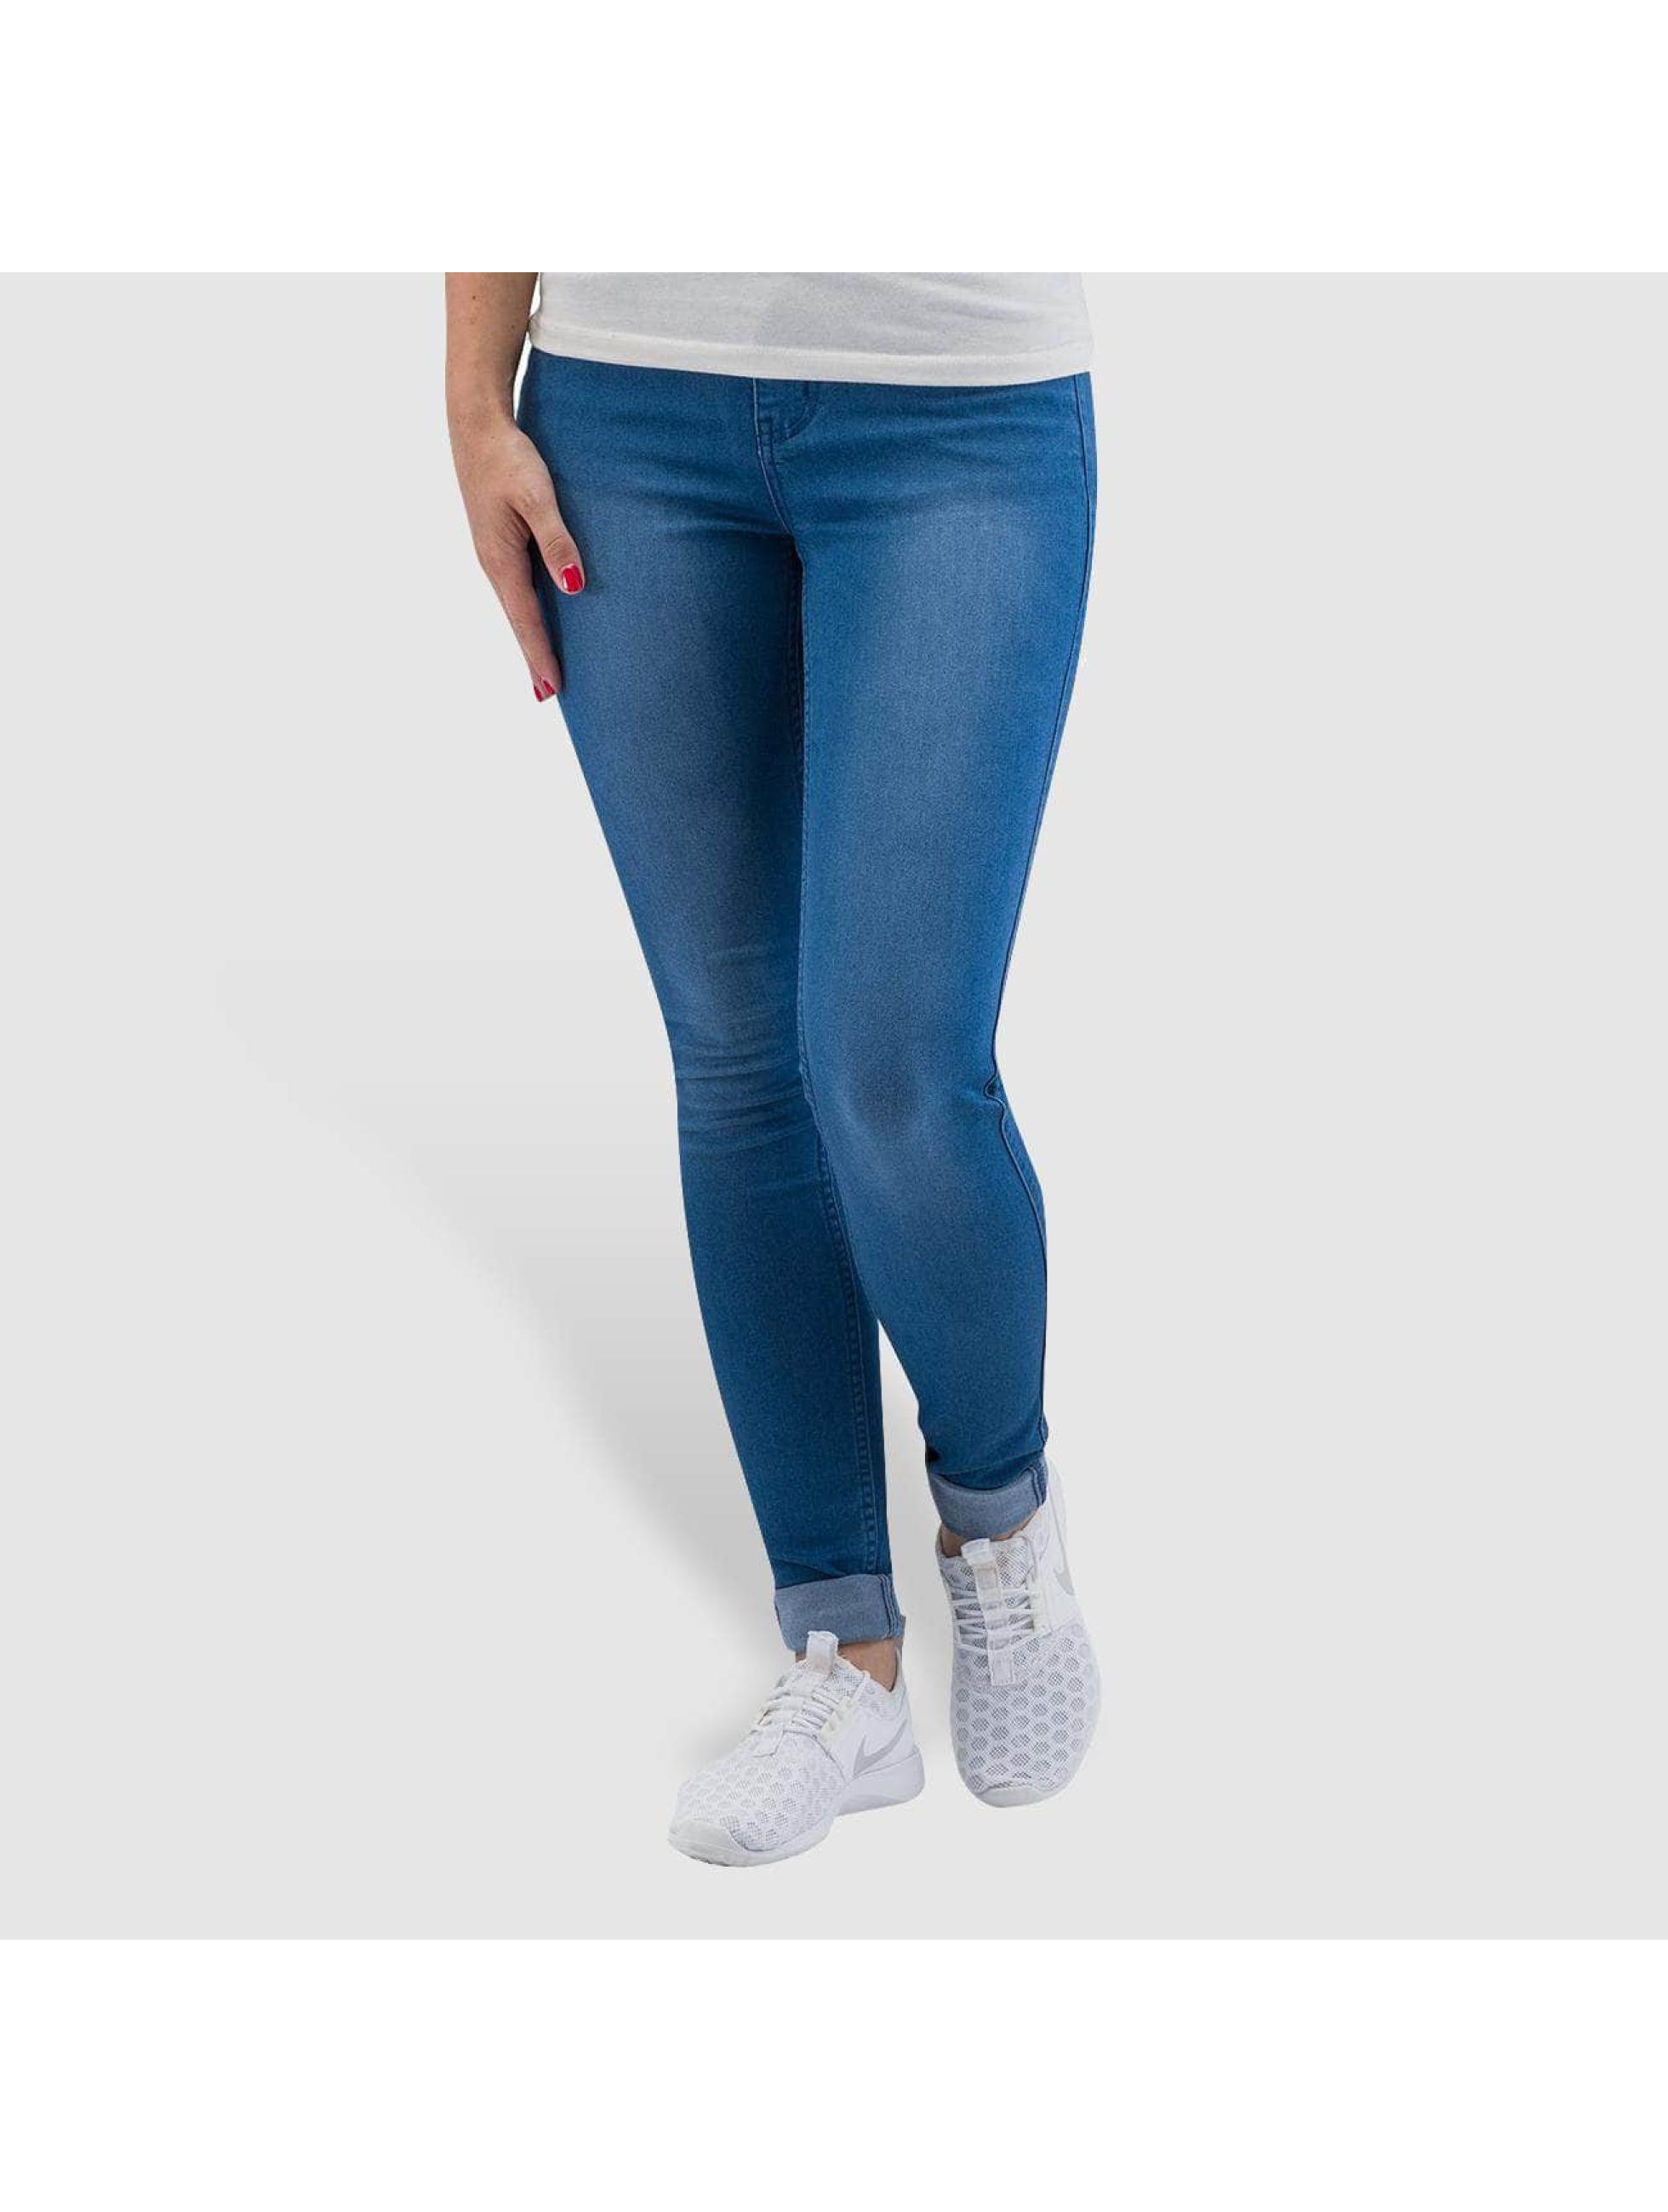 Pieces Облегающие джинсы Just Jute синий